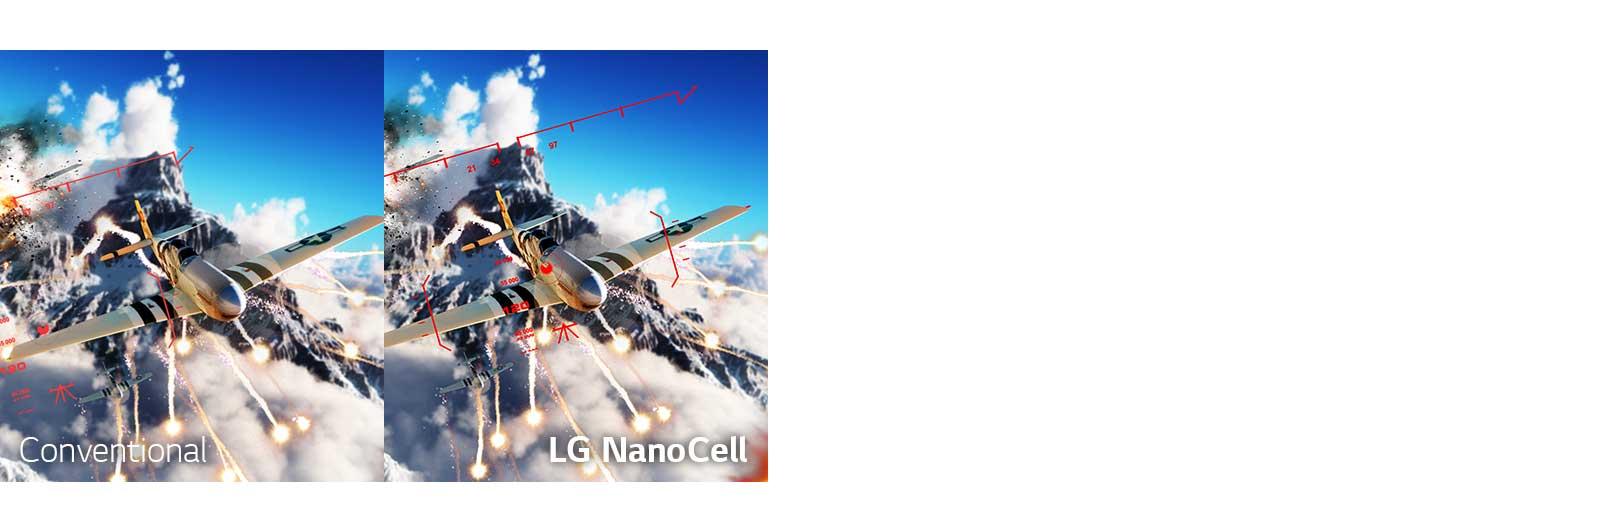 Prizor iz leteče bojne igre